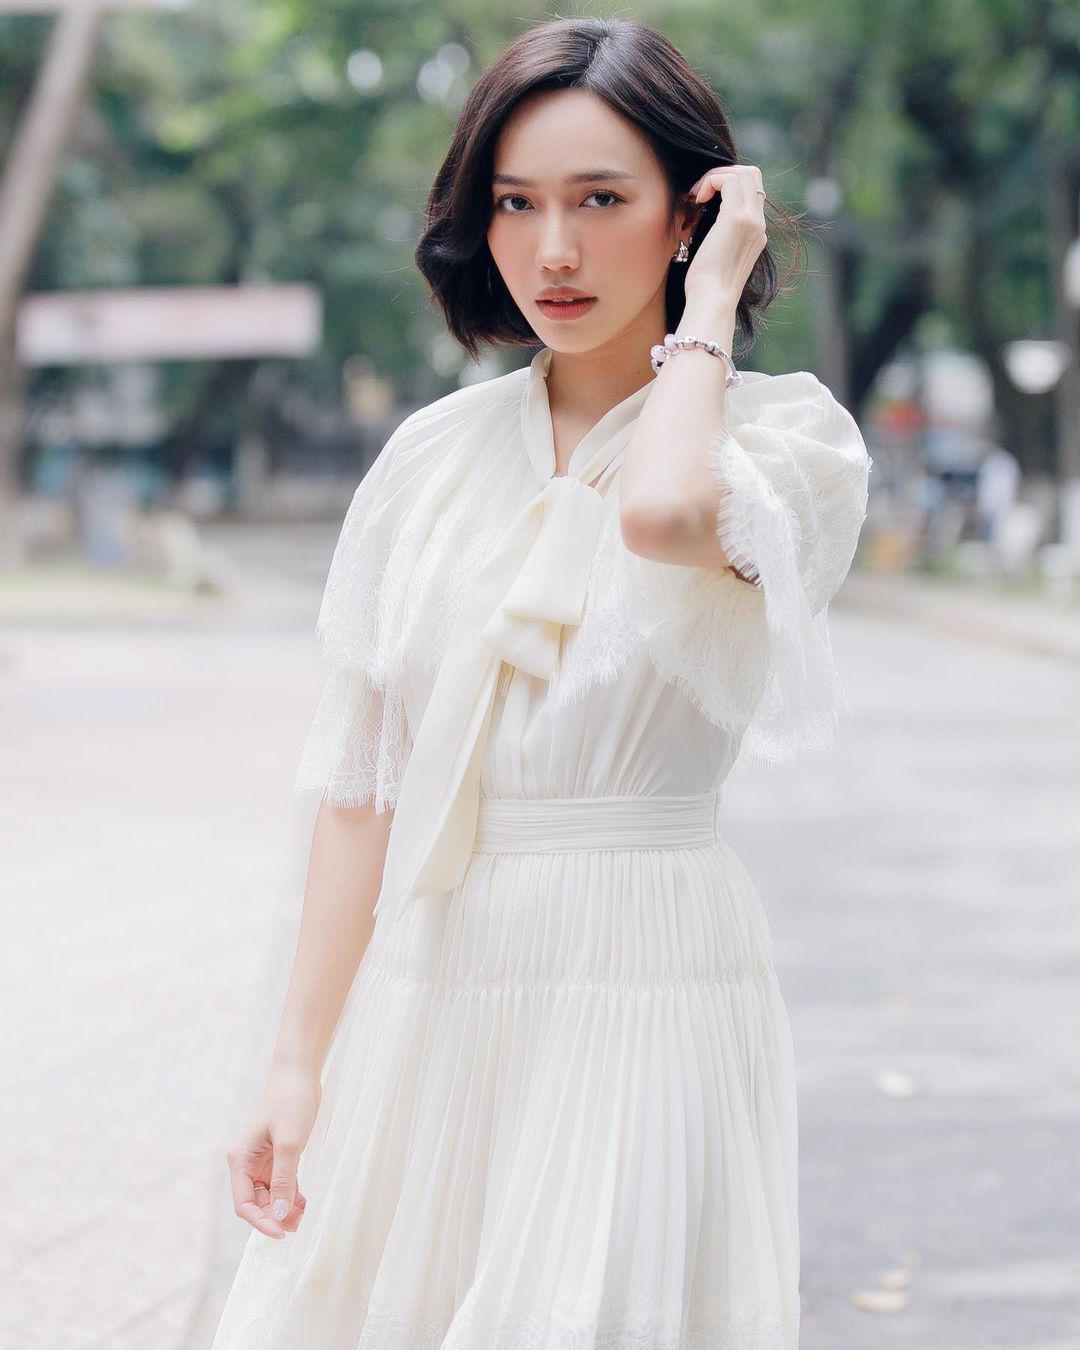 Hoàng Thùy Linh gợi cảm hút mắt, thần thái đỉnh cao trong hậu trường chụp hình thời trang - Ảnh 4.